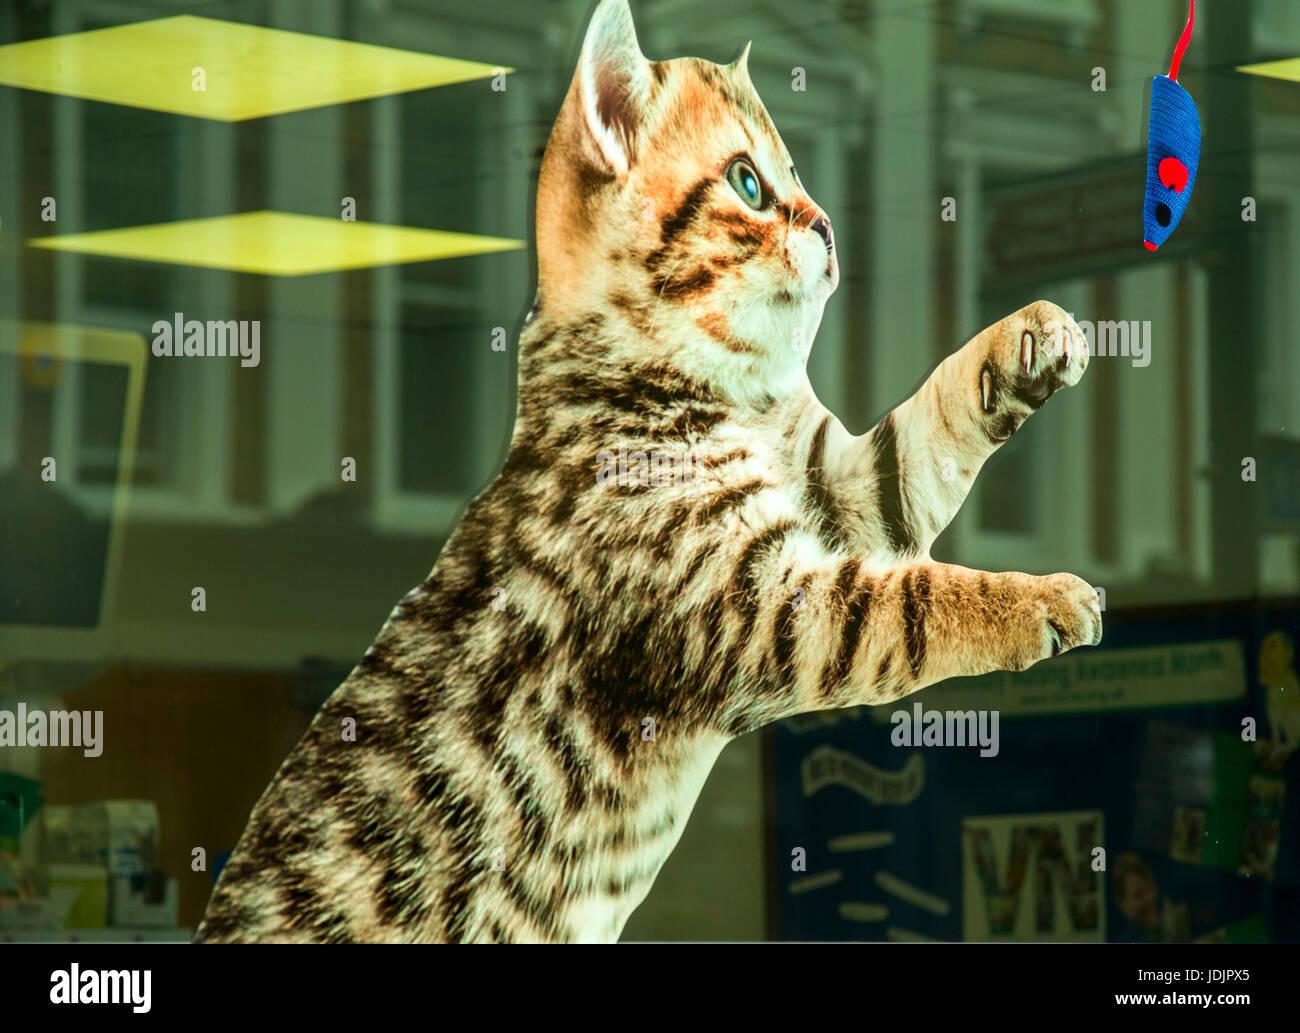 Katze spielt mit Spielzeug Maus Fensteraufkleber im Veterinär-Fenster Stockfoto